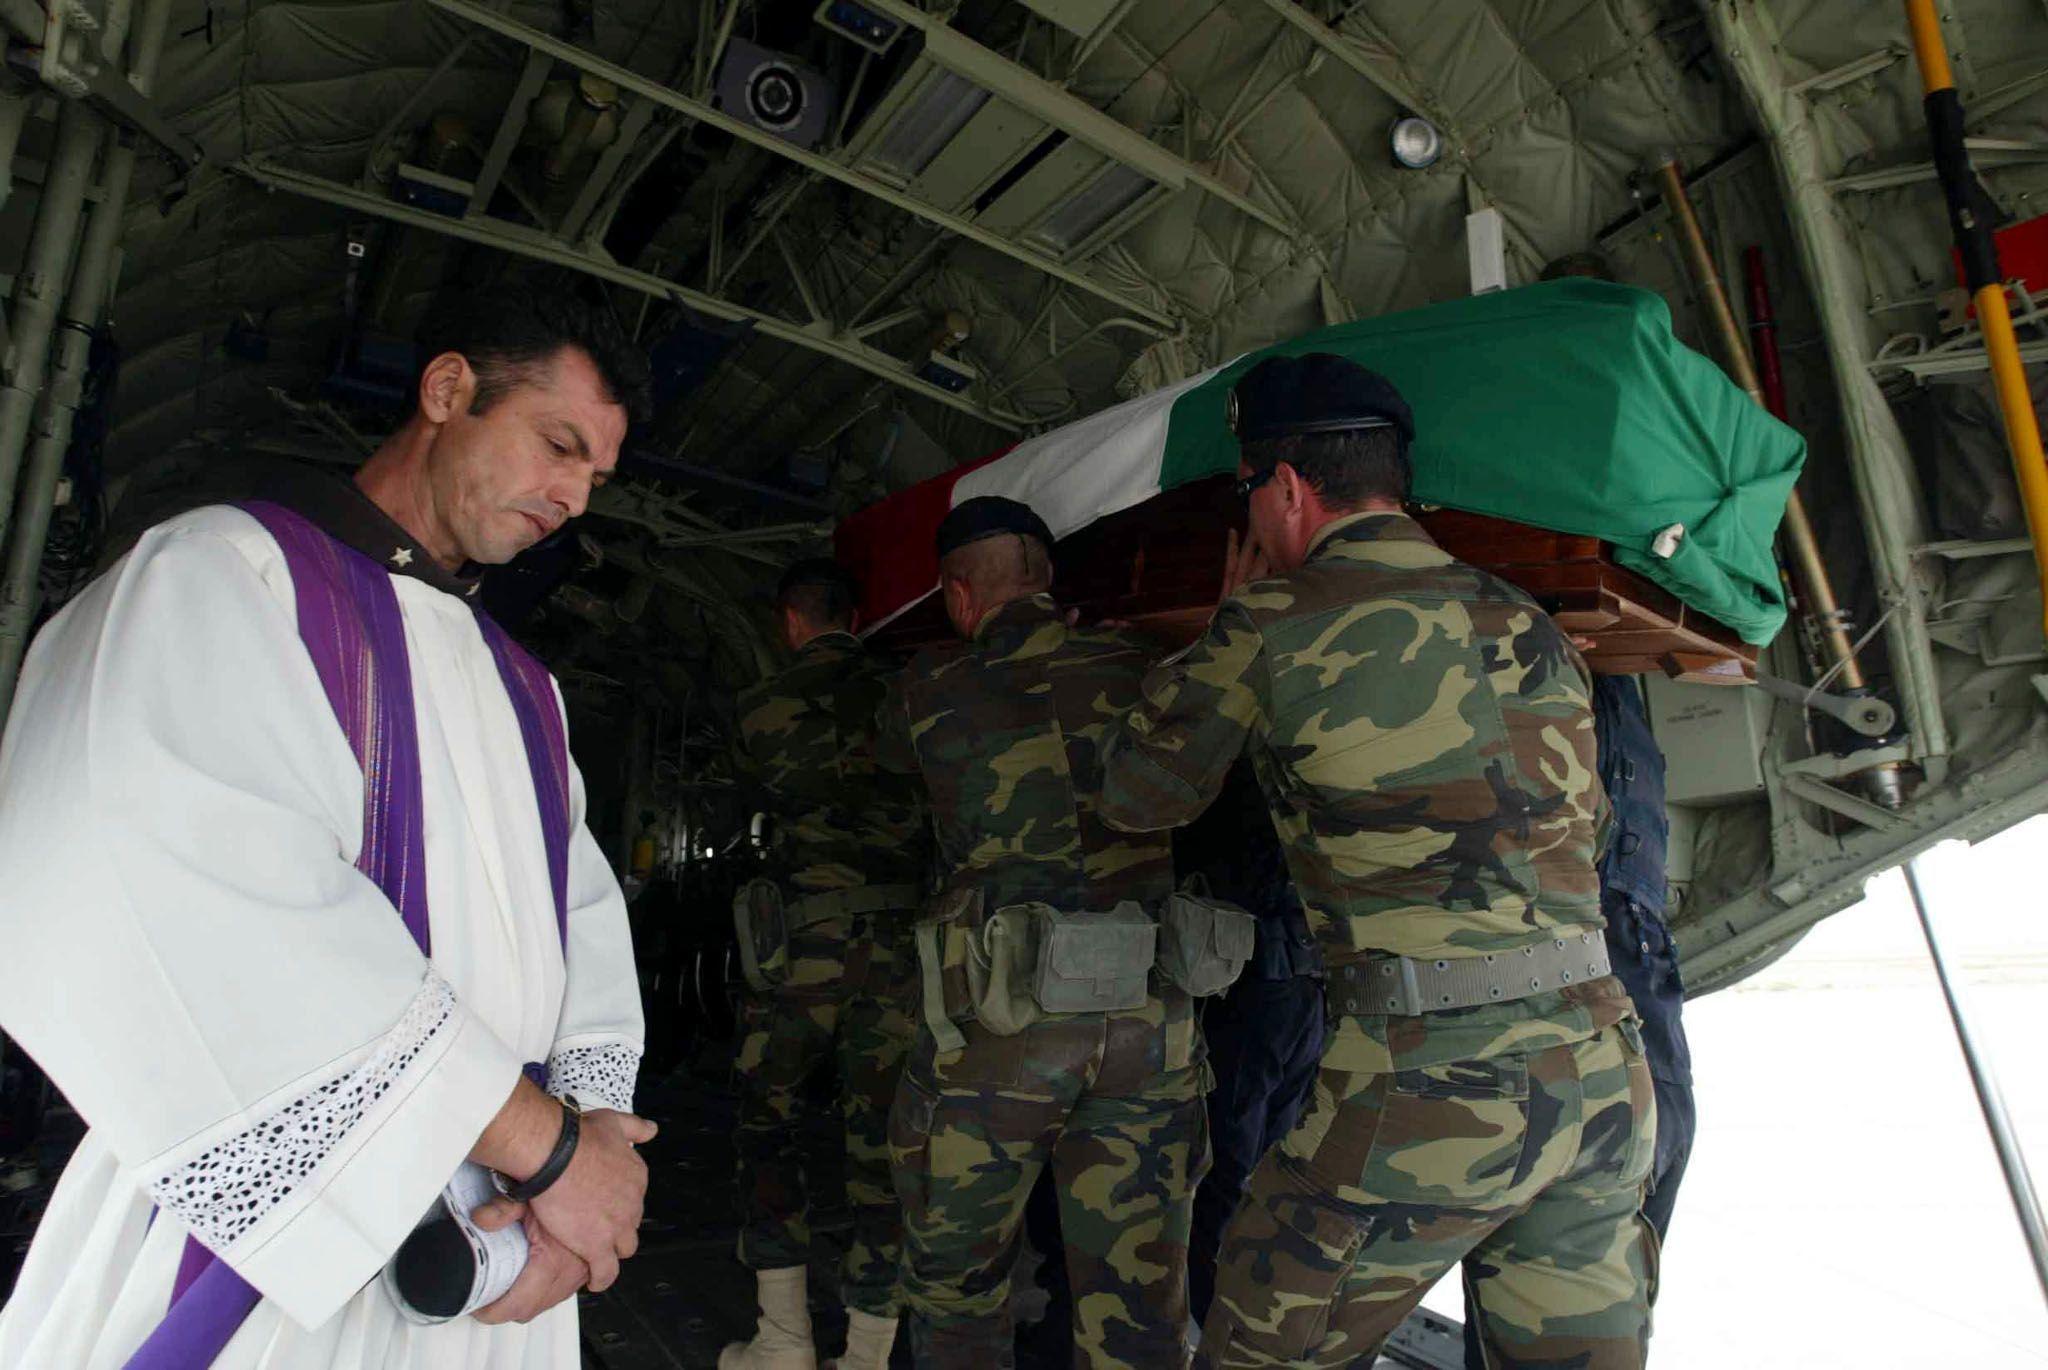 Il prete di Nassiriya contro i vescovi pacifisti: «Andate voi in guerra a fermare l'Isis»